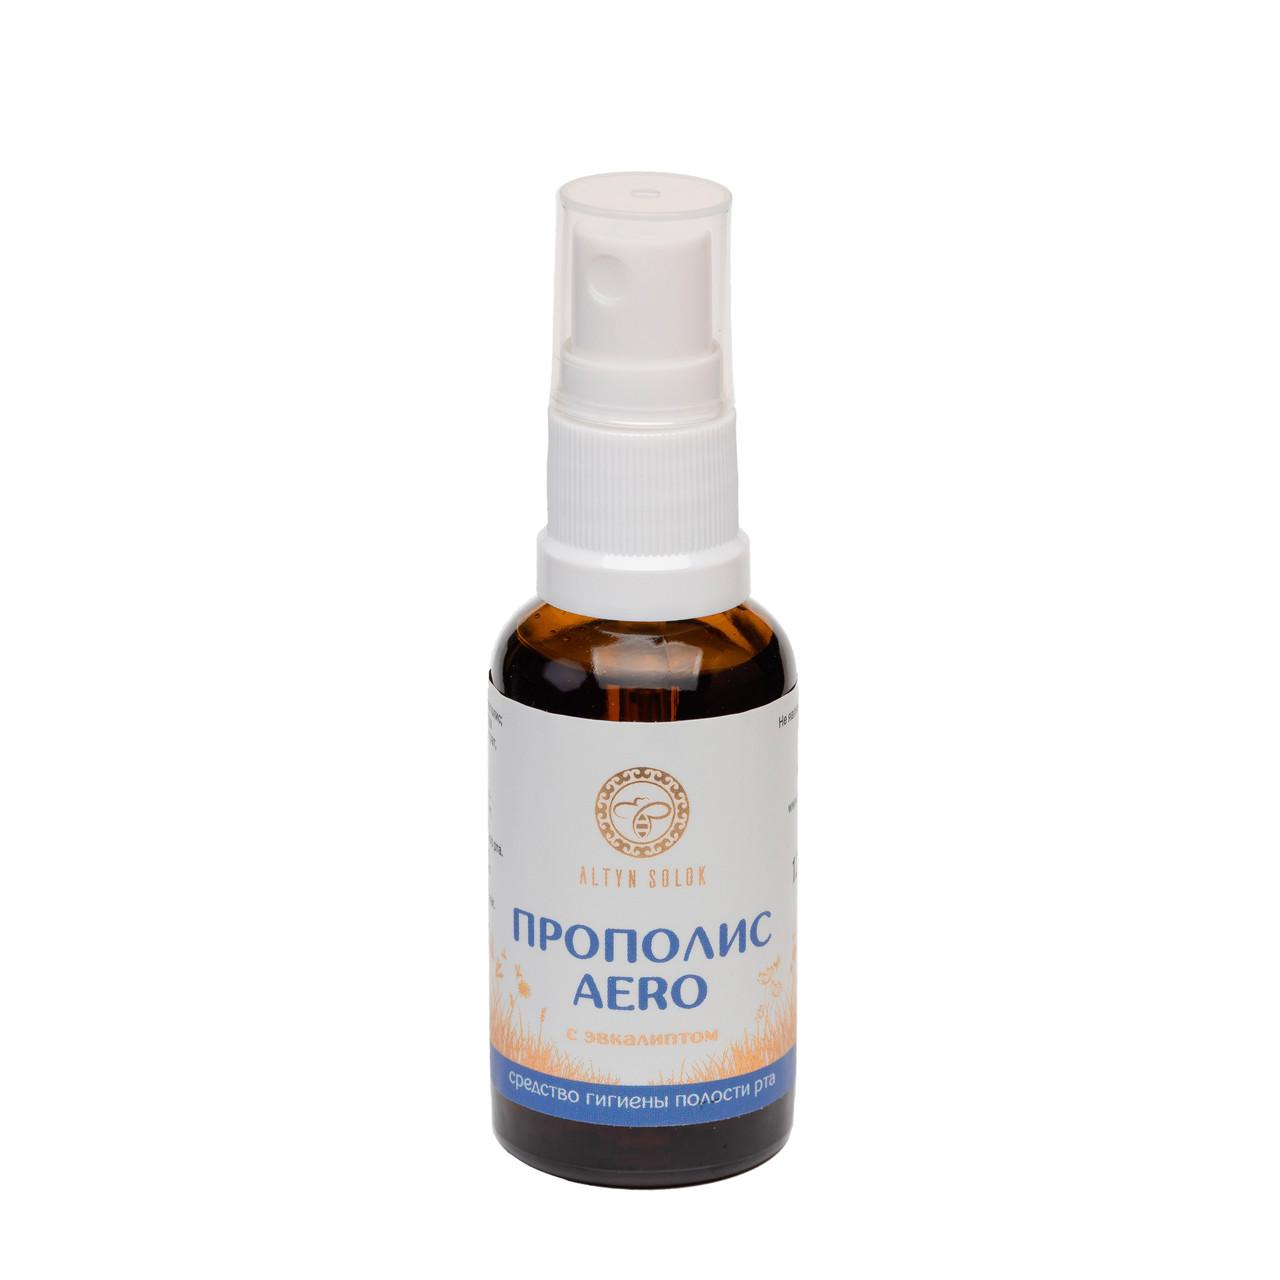 ПРОПОЛИС AERO (средство гигиены полости рта с эвкалиптом,спрей, 30 мл)